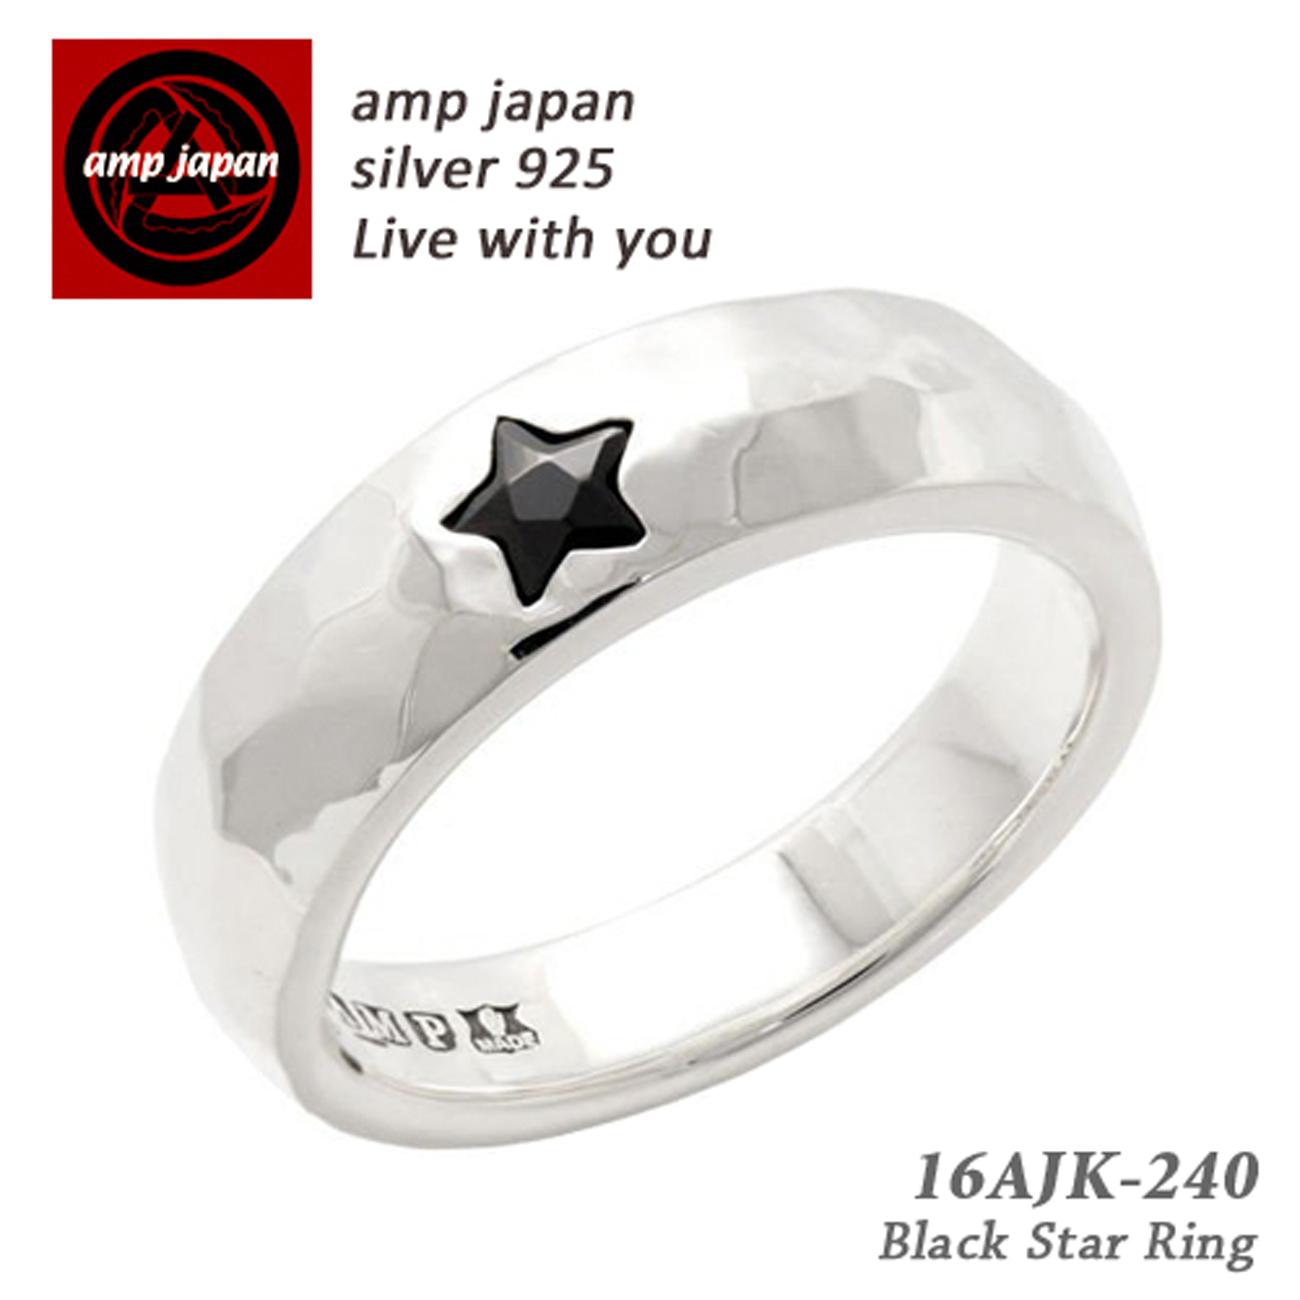 AMP JAPAN/アンプジャパン  ブラックスターシルバーリング 16AJK-240